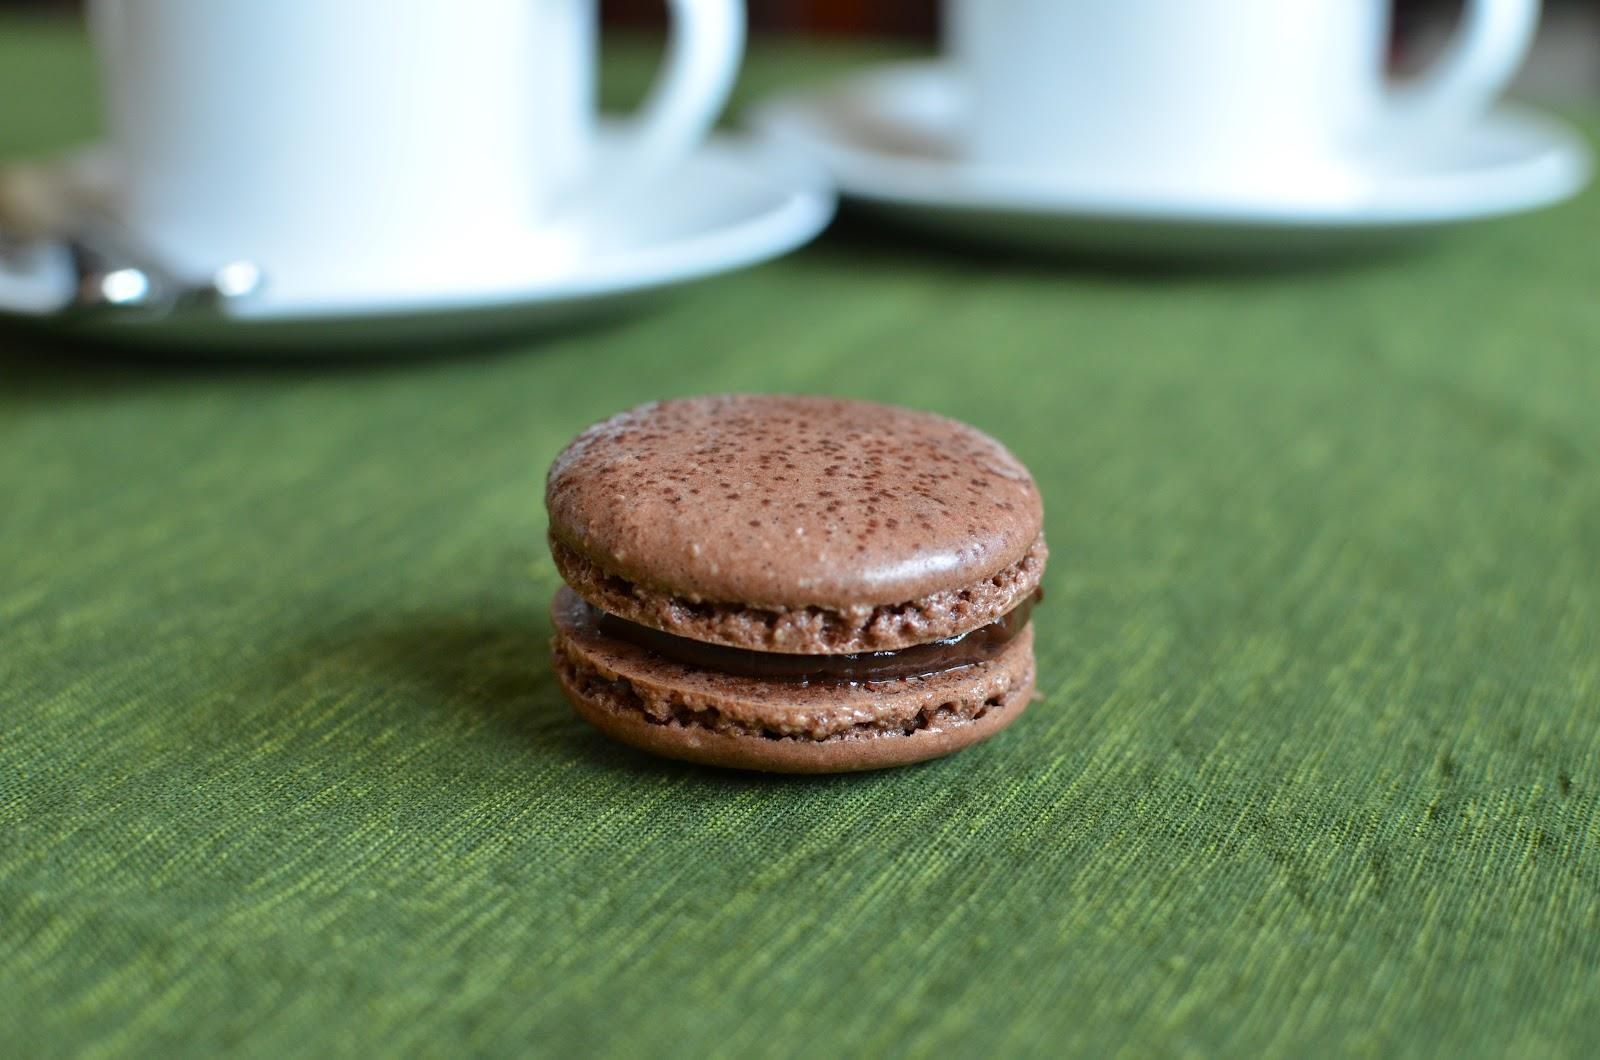 Playing with Flour: Chocolate macarons - the final saga